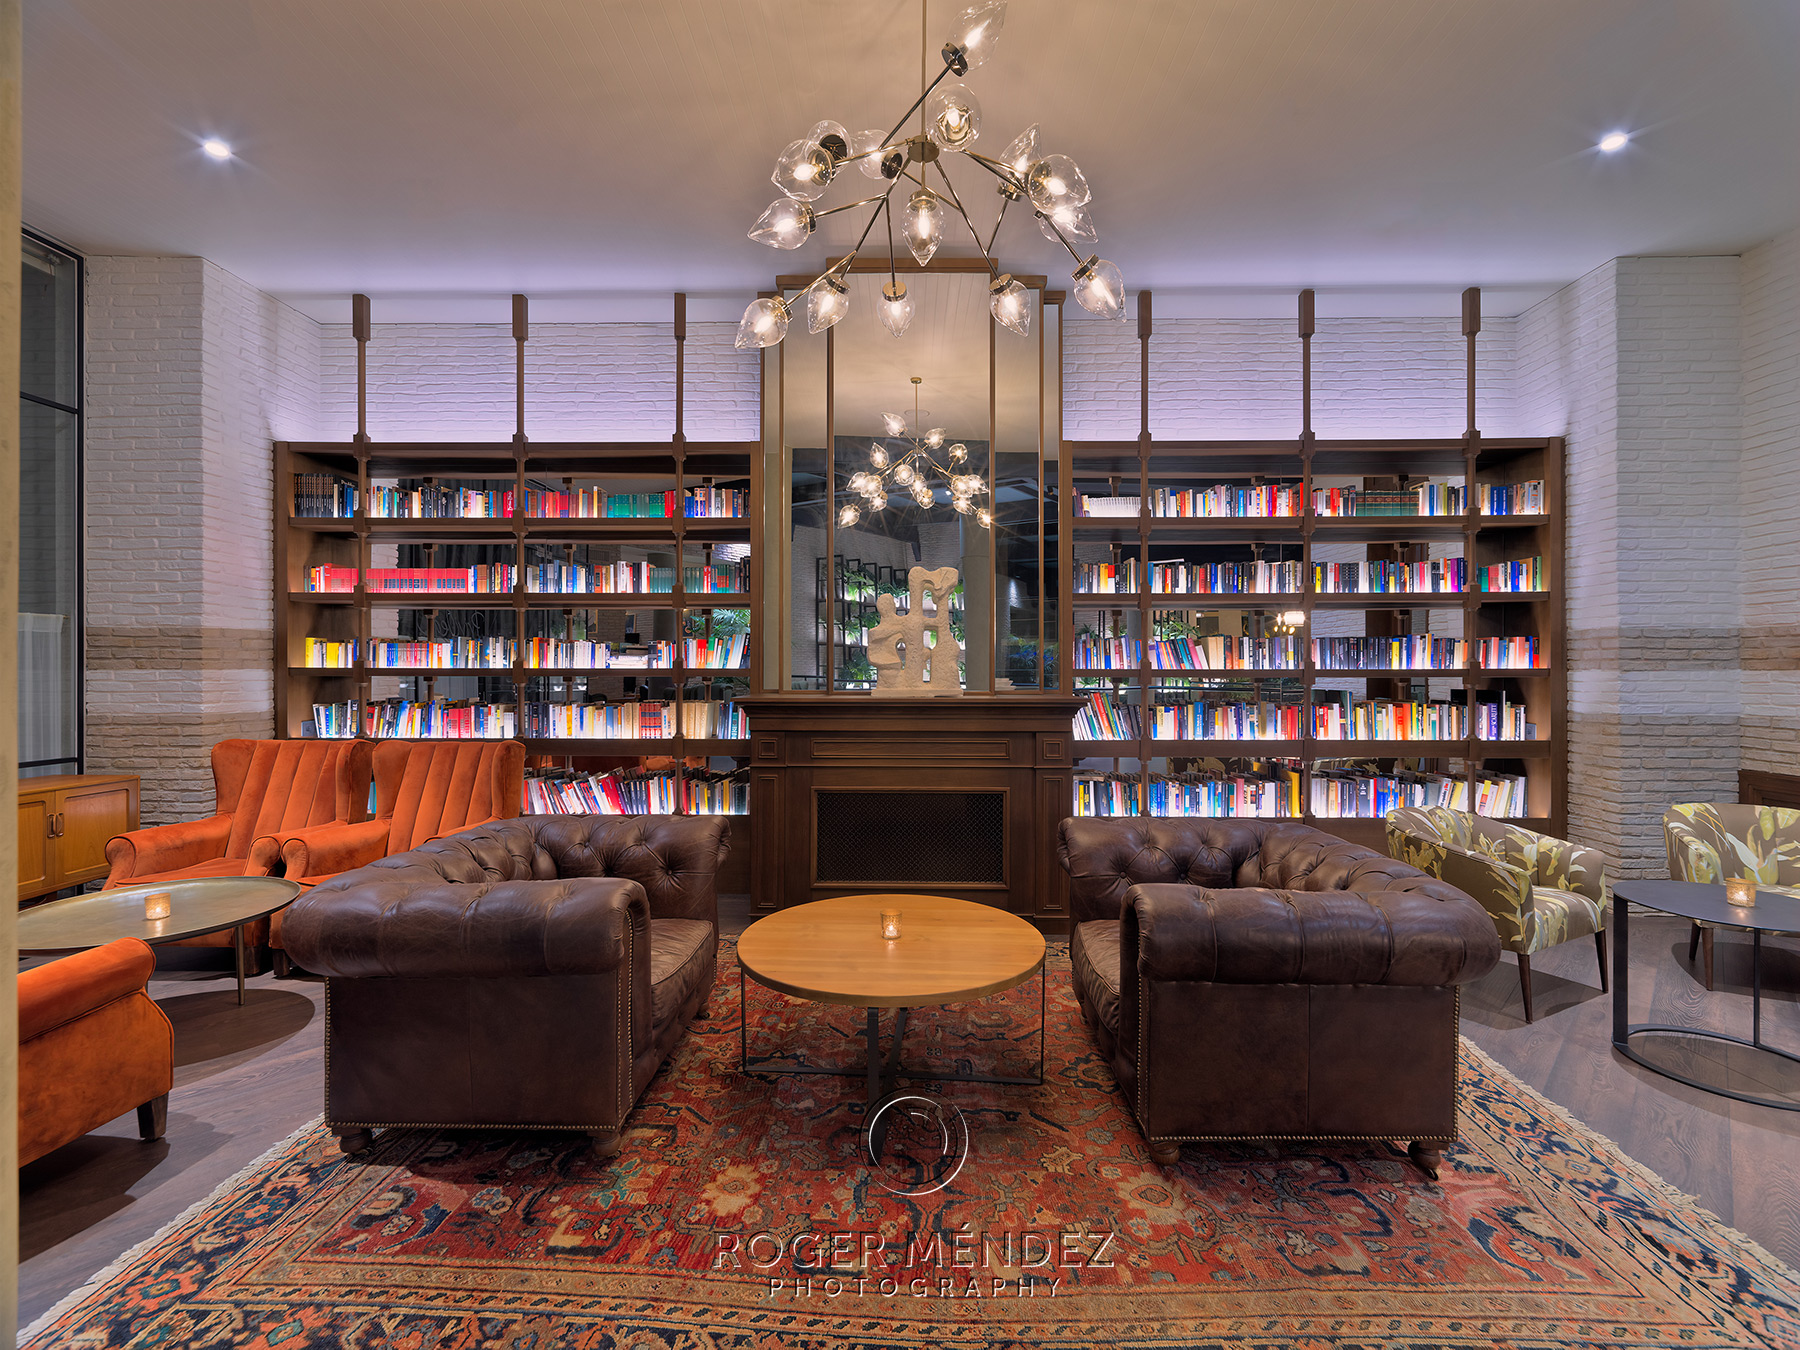 Rincón librería nocturna